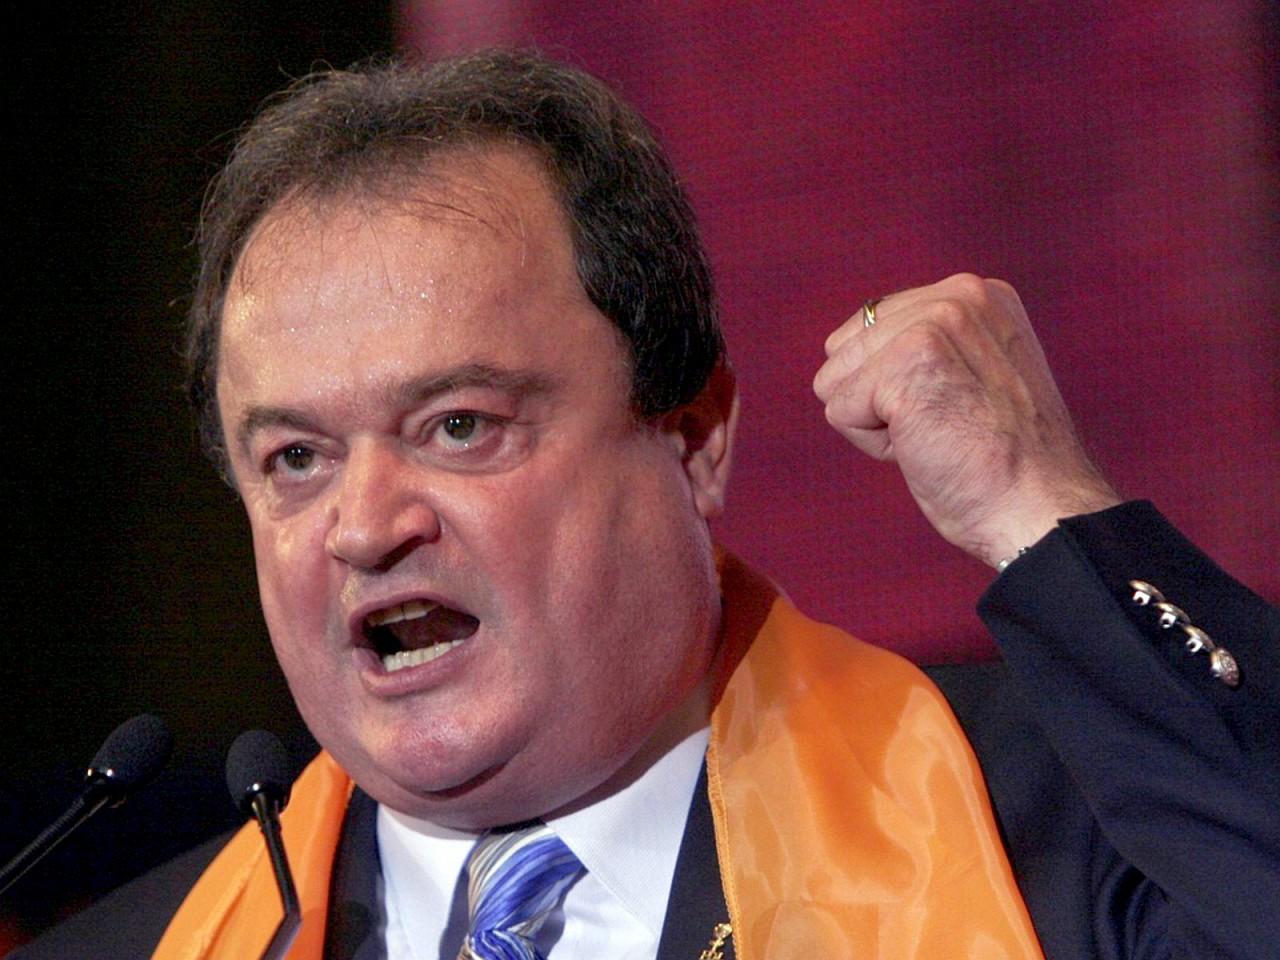 Co-președintele PNL, Vasile Blaga, a avut  absență îndelungată din prim planul scenei politice